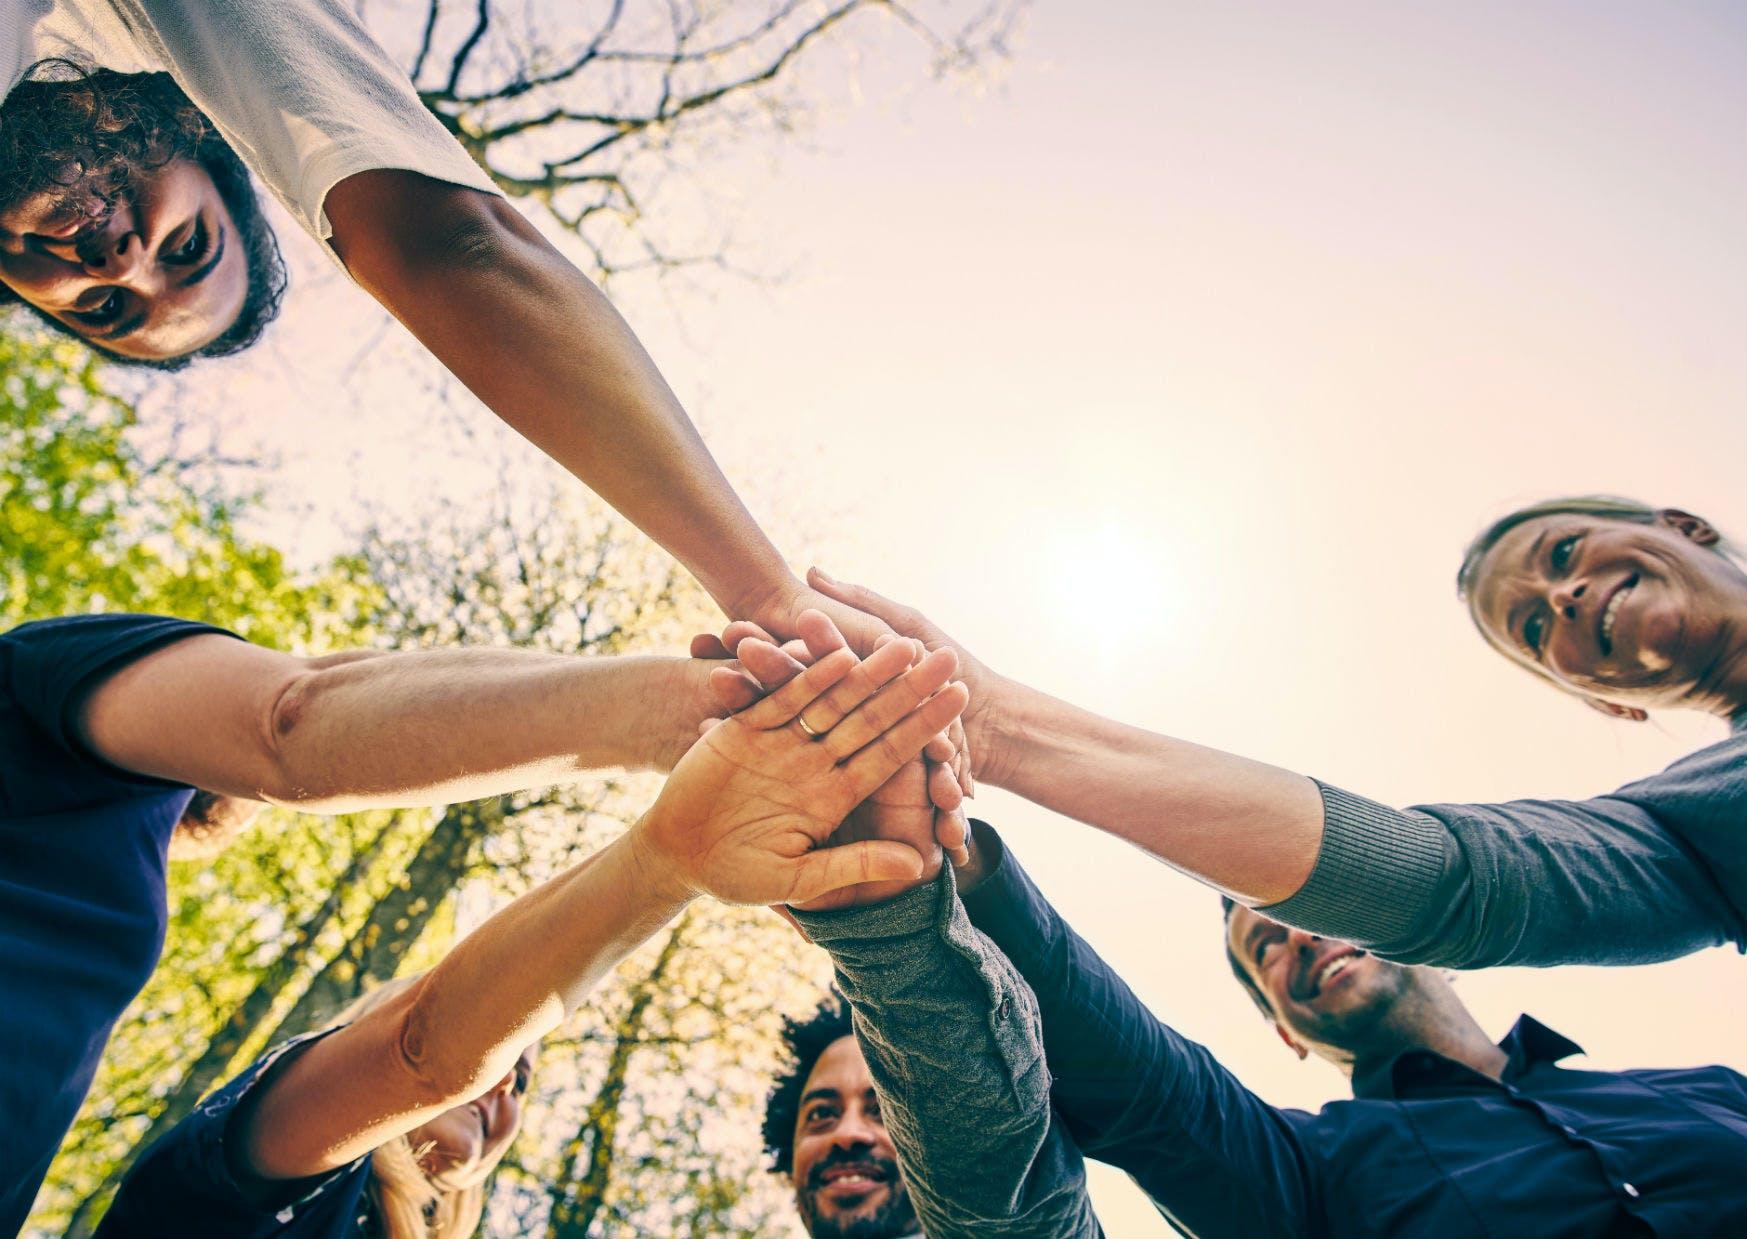 Fem personer samler hænderne til kampråd i forbindelse med teambuilding